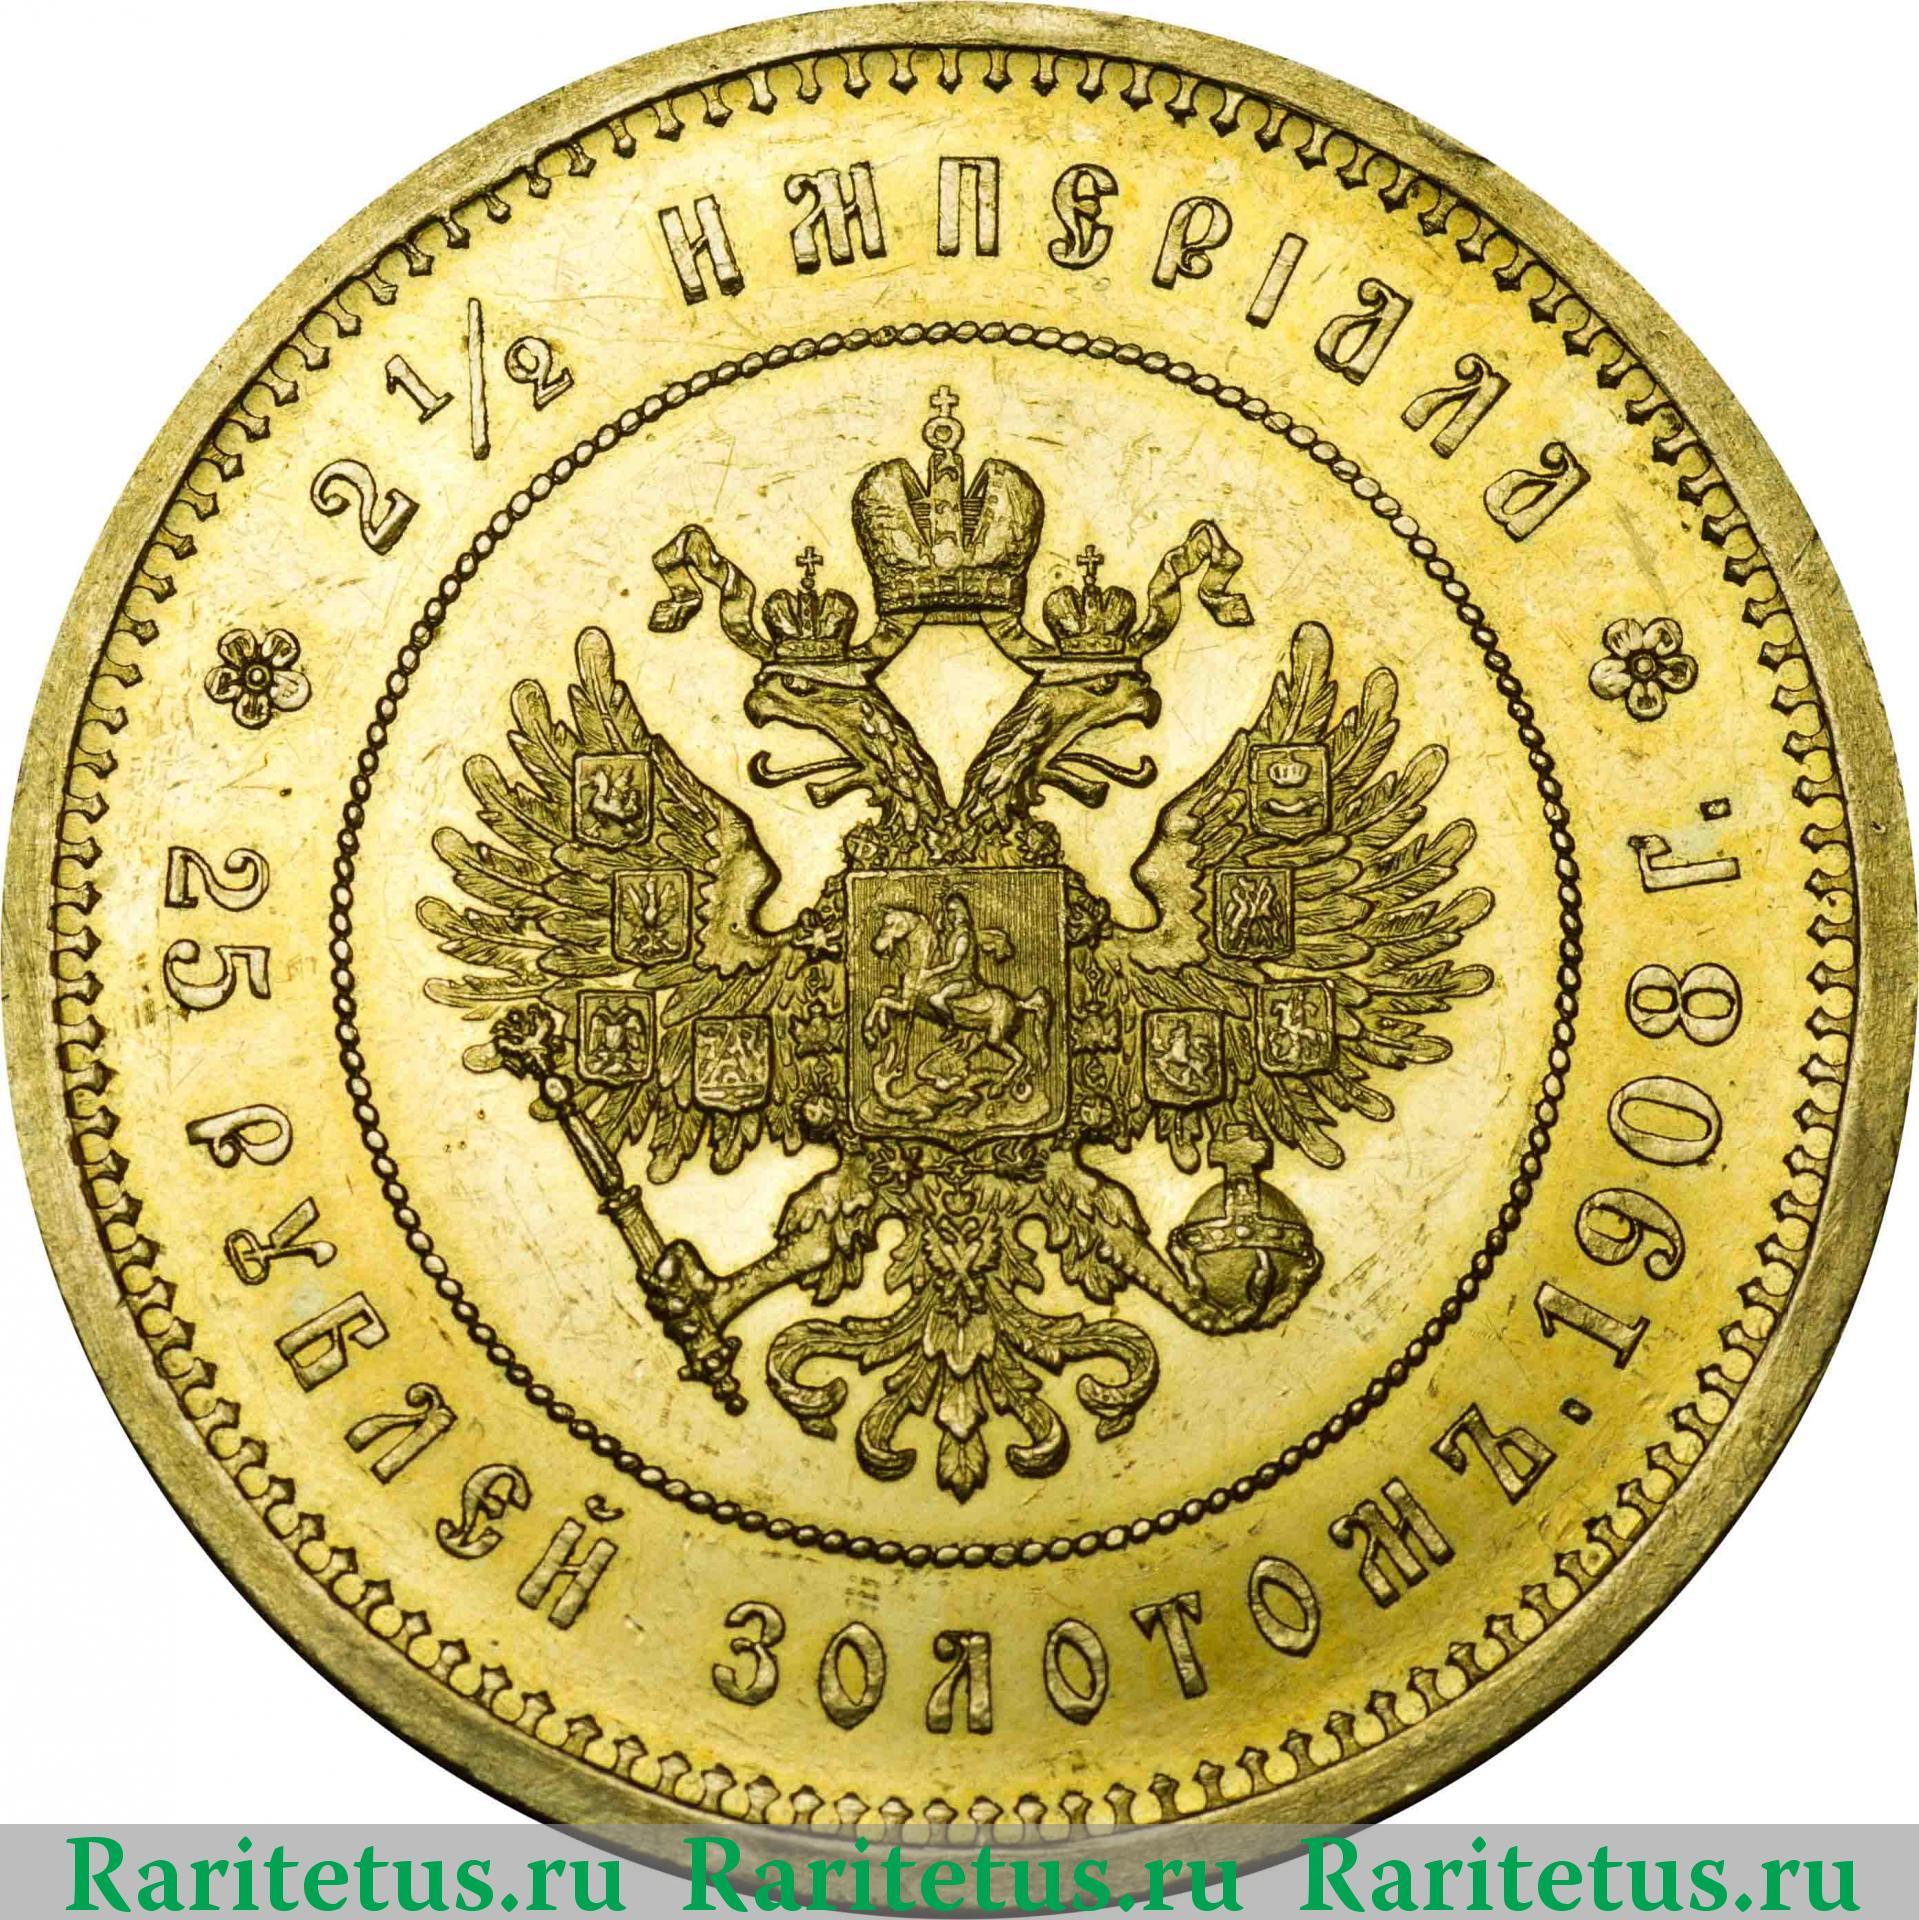 25 рублей 1908 года цена иранская бронза